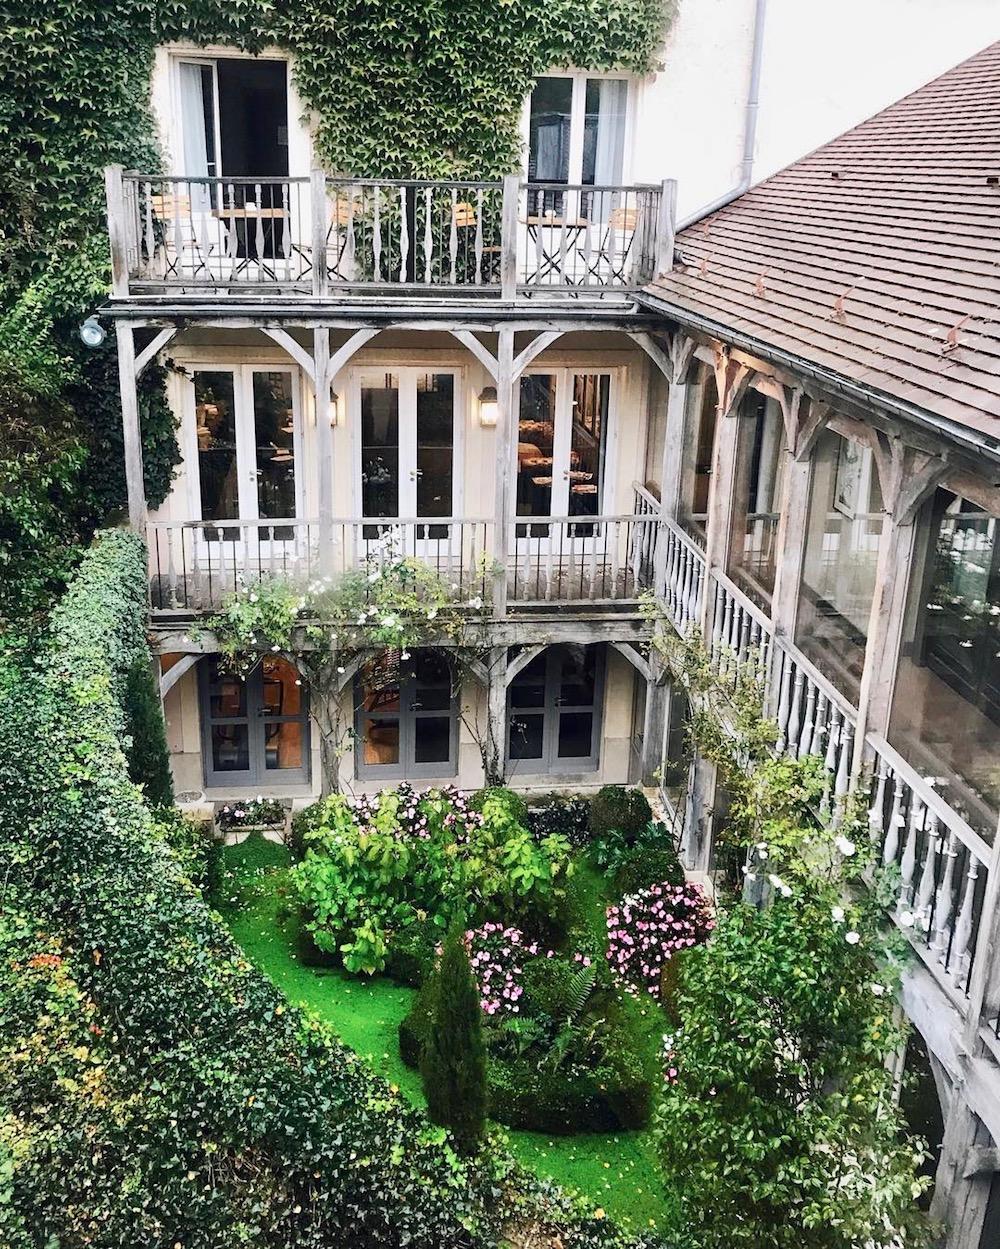 visite-guidée-les-etangs-de-corot-visite-spa-caudalie-hotel-restaurant-brunch-les-paillotes-le-cafe-des-artistes-promenade-escapade-en-amoureux-pres-de-paris-ville-avray-offre-staycation